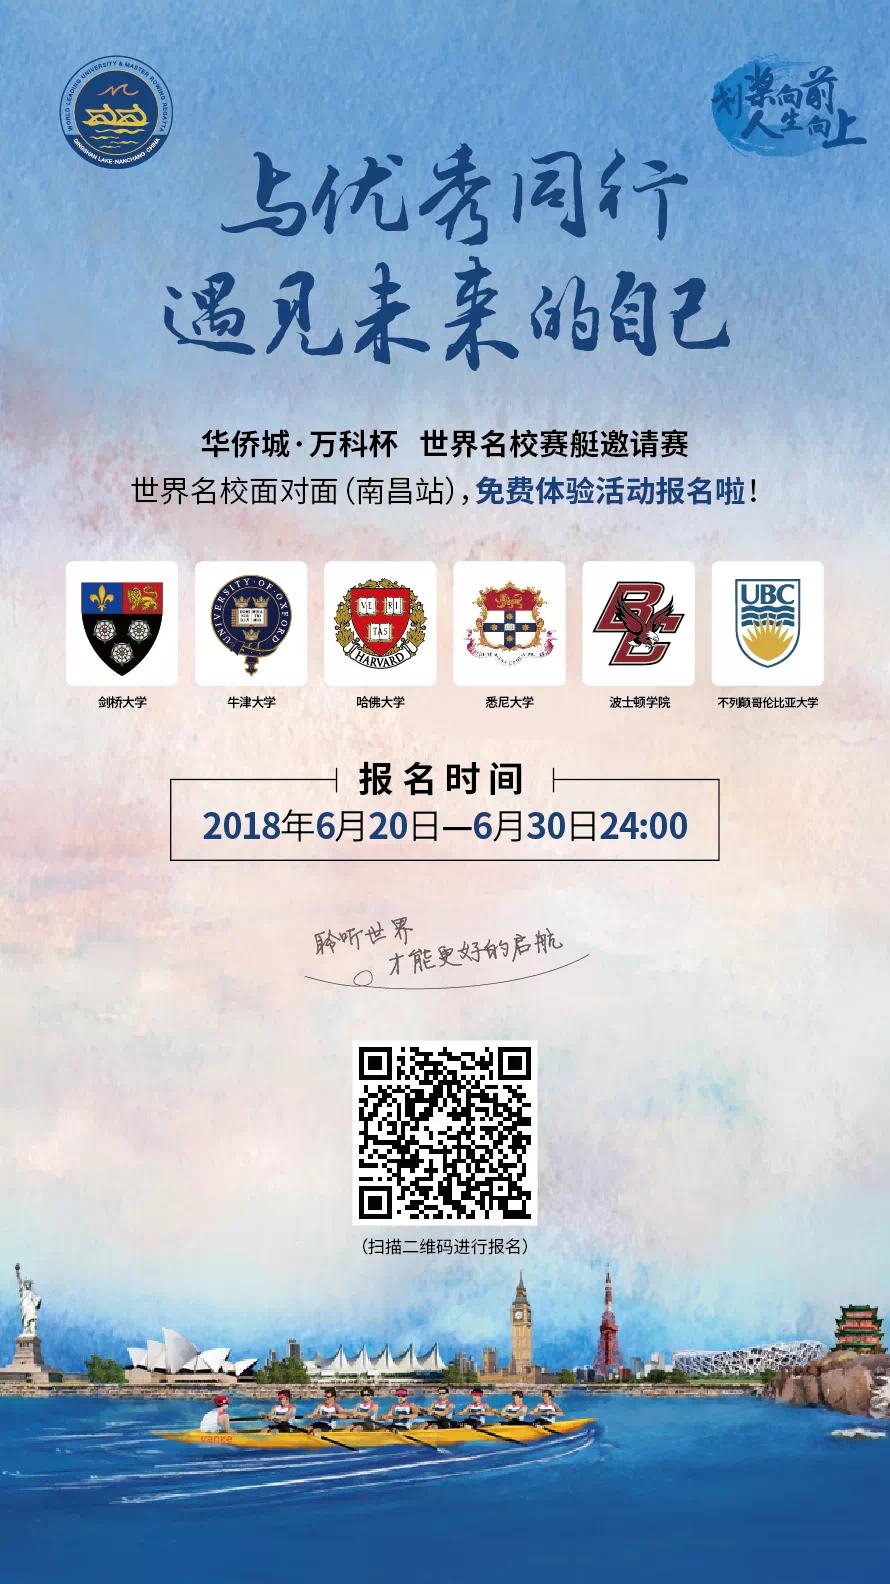 2018华侨城万科杯世界名校赛艇邀请赛新闻发布会圆满举行